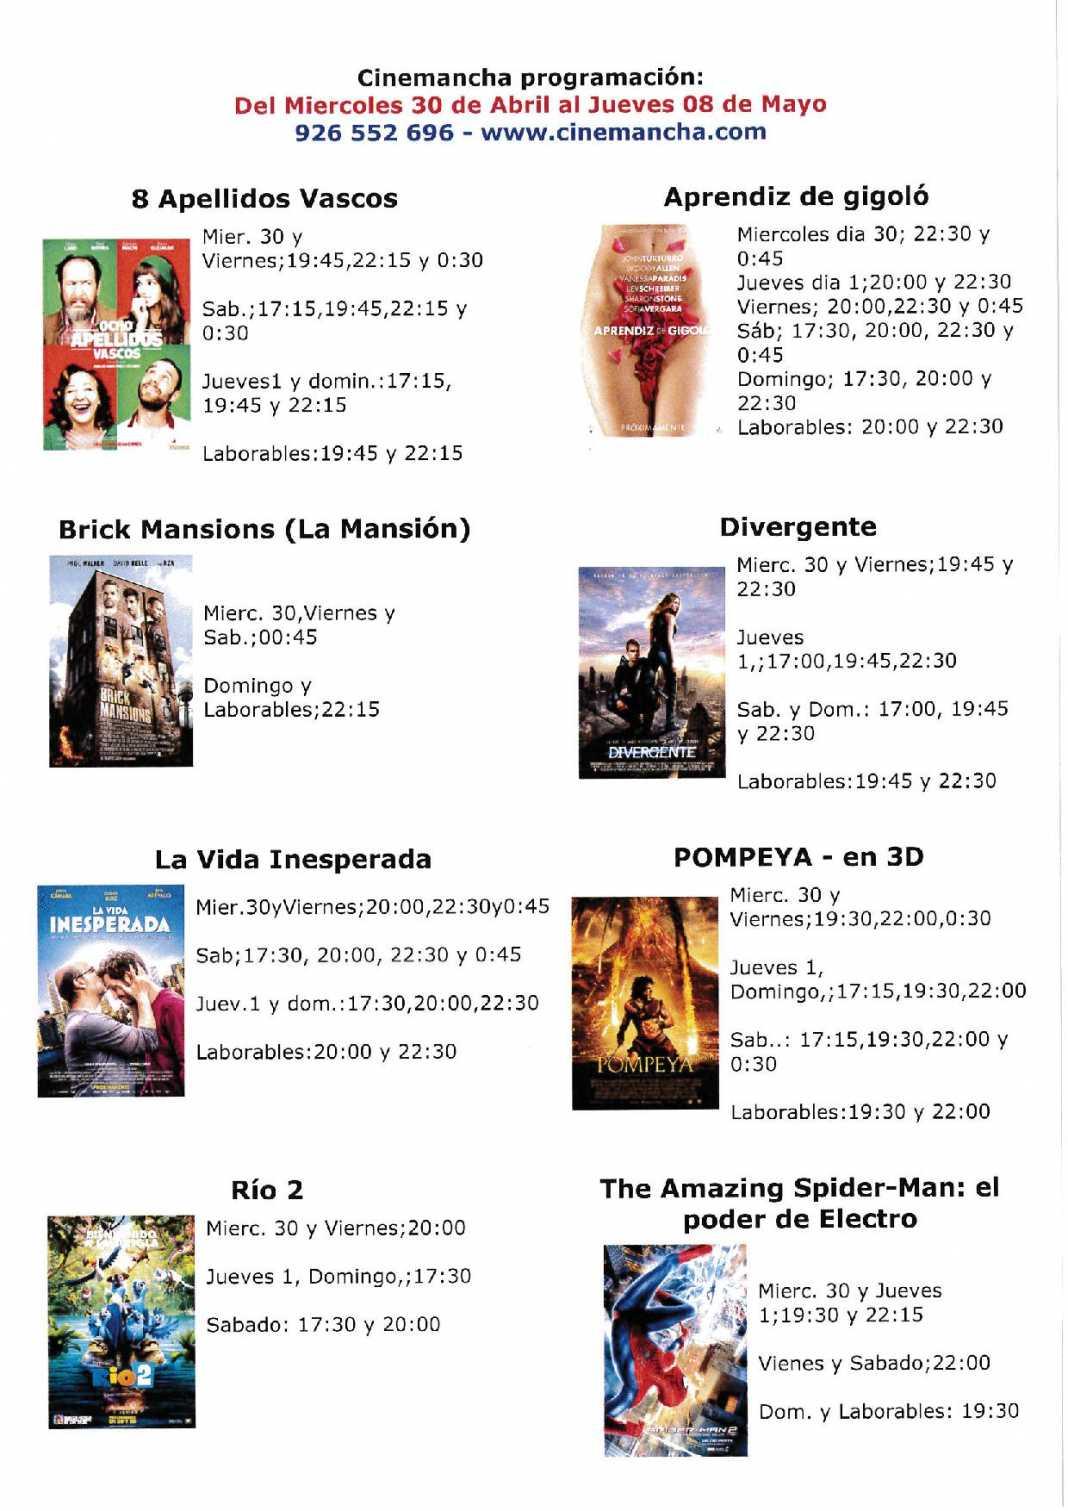 MX 2310U 20140429 122130 1068x1511 - Programación Cinemancha del Miércoles 30 de abril al Jueves 8 de mayo